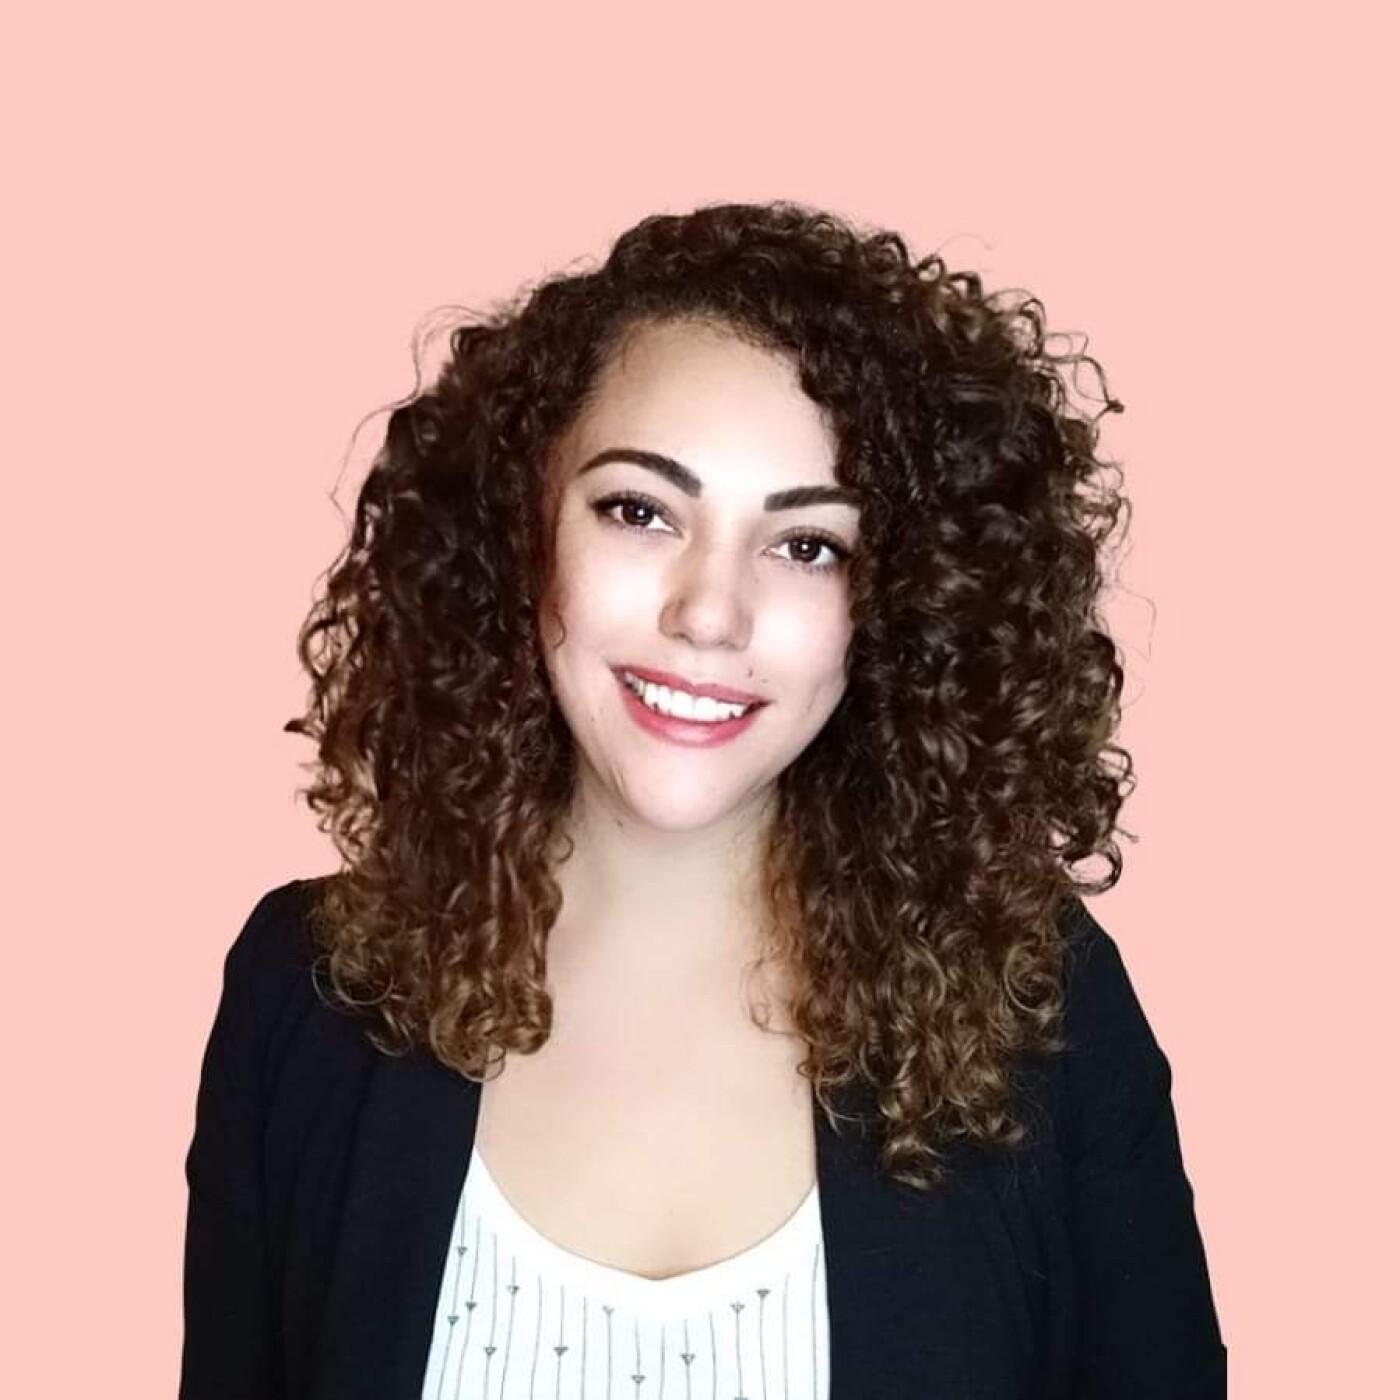 Yulia, franco-mexicaine, est coach en développement personnel - 14 04 21 - StereoChic Radio